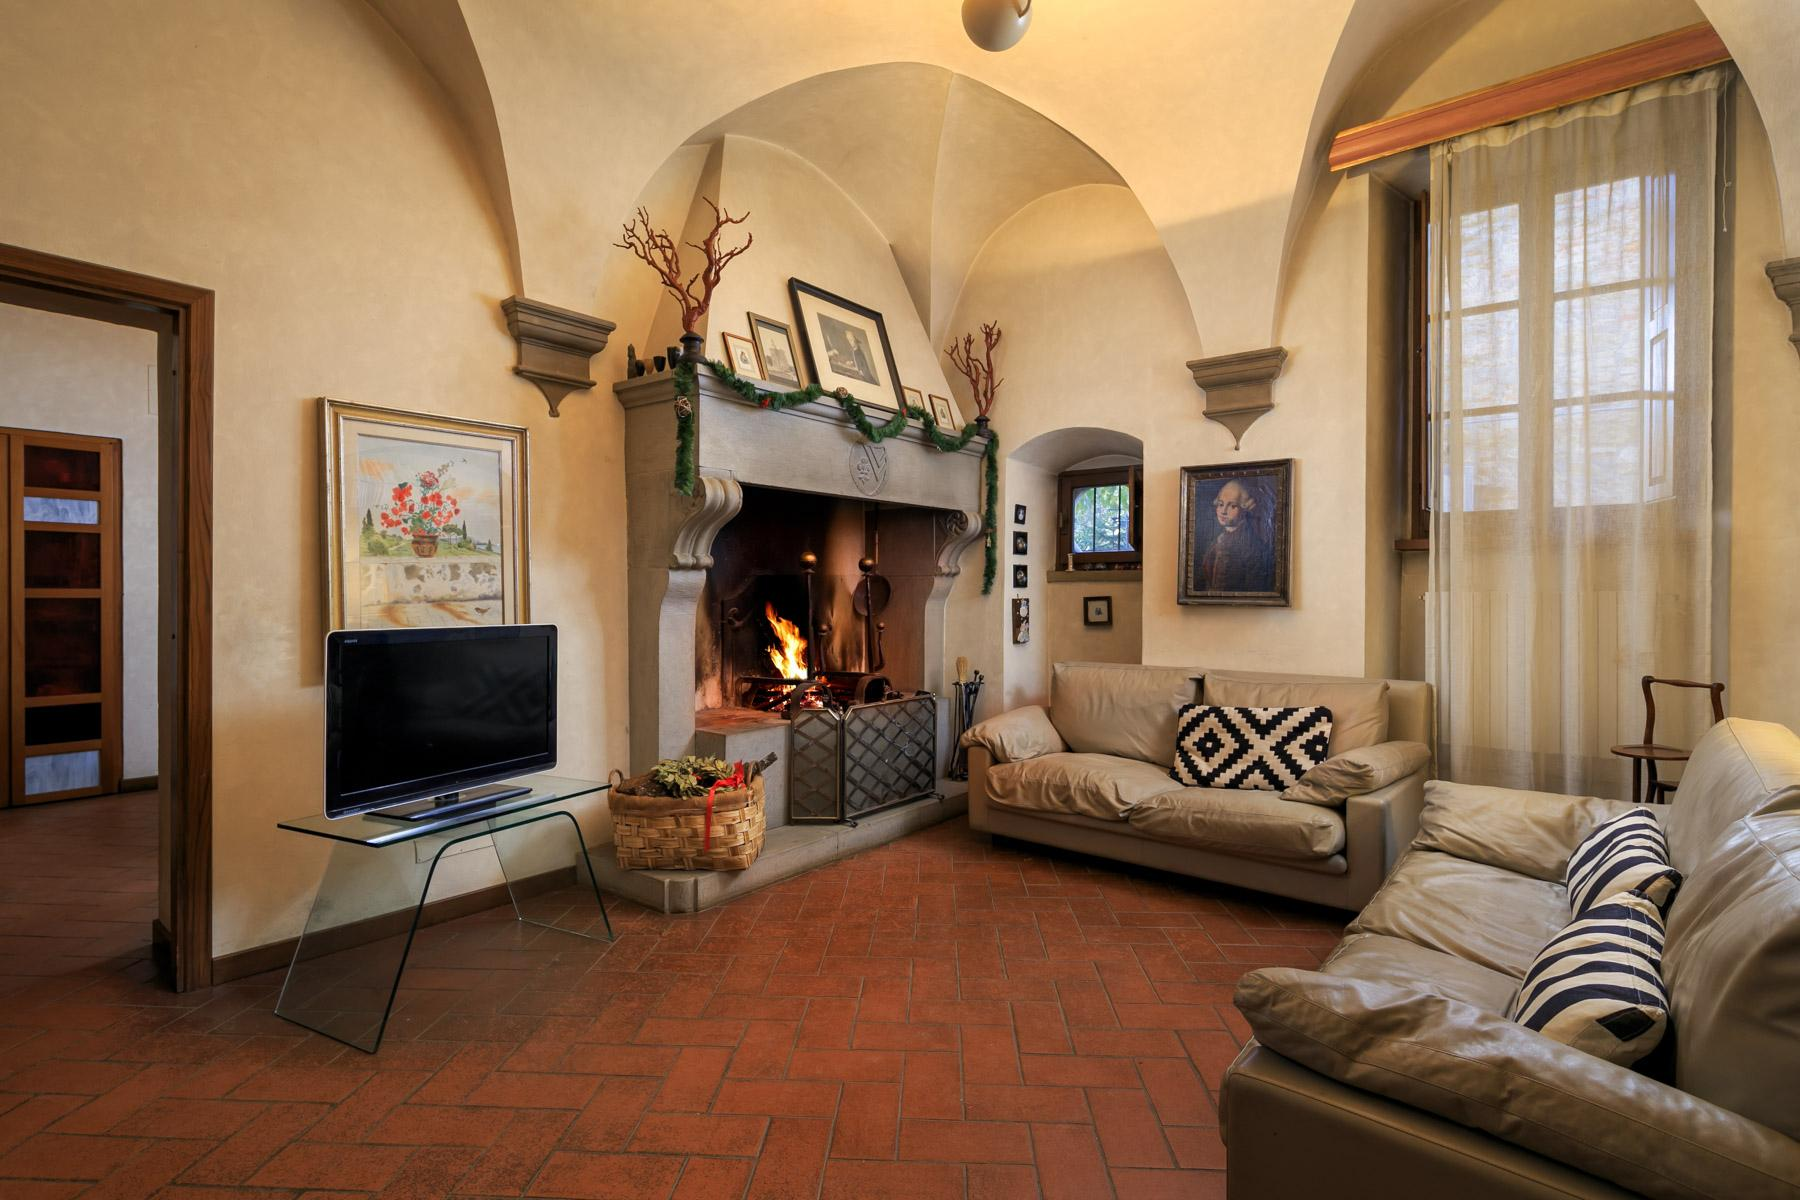 Palazzo Rinascimentale in Vendita a pochi passi da Piazza Grande, Arezzo - 2